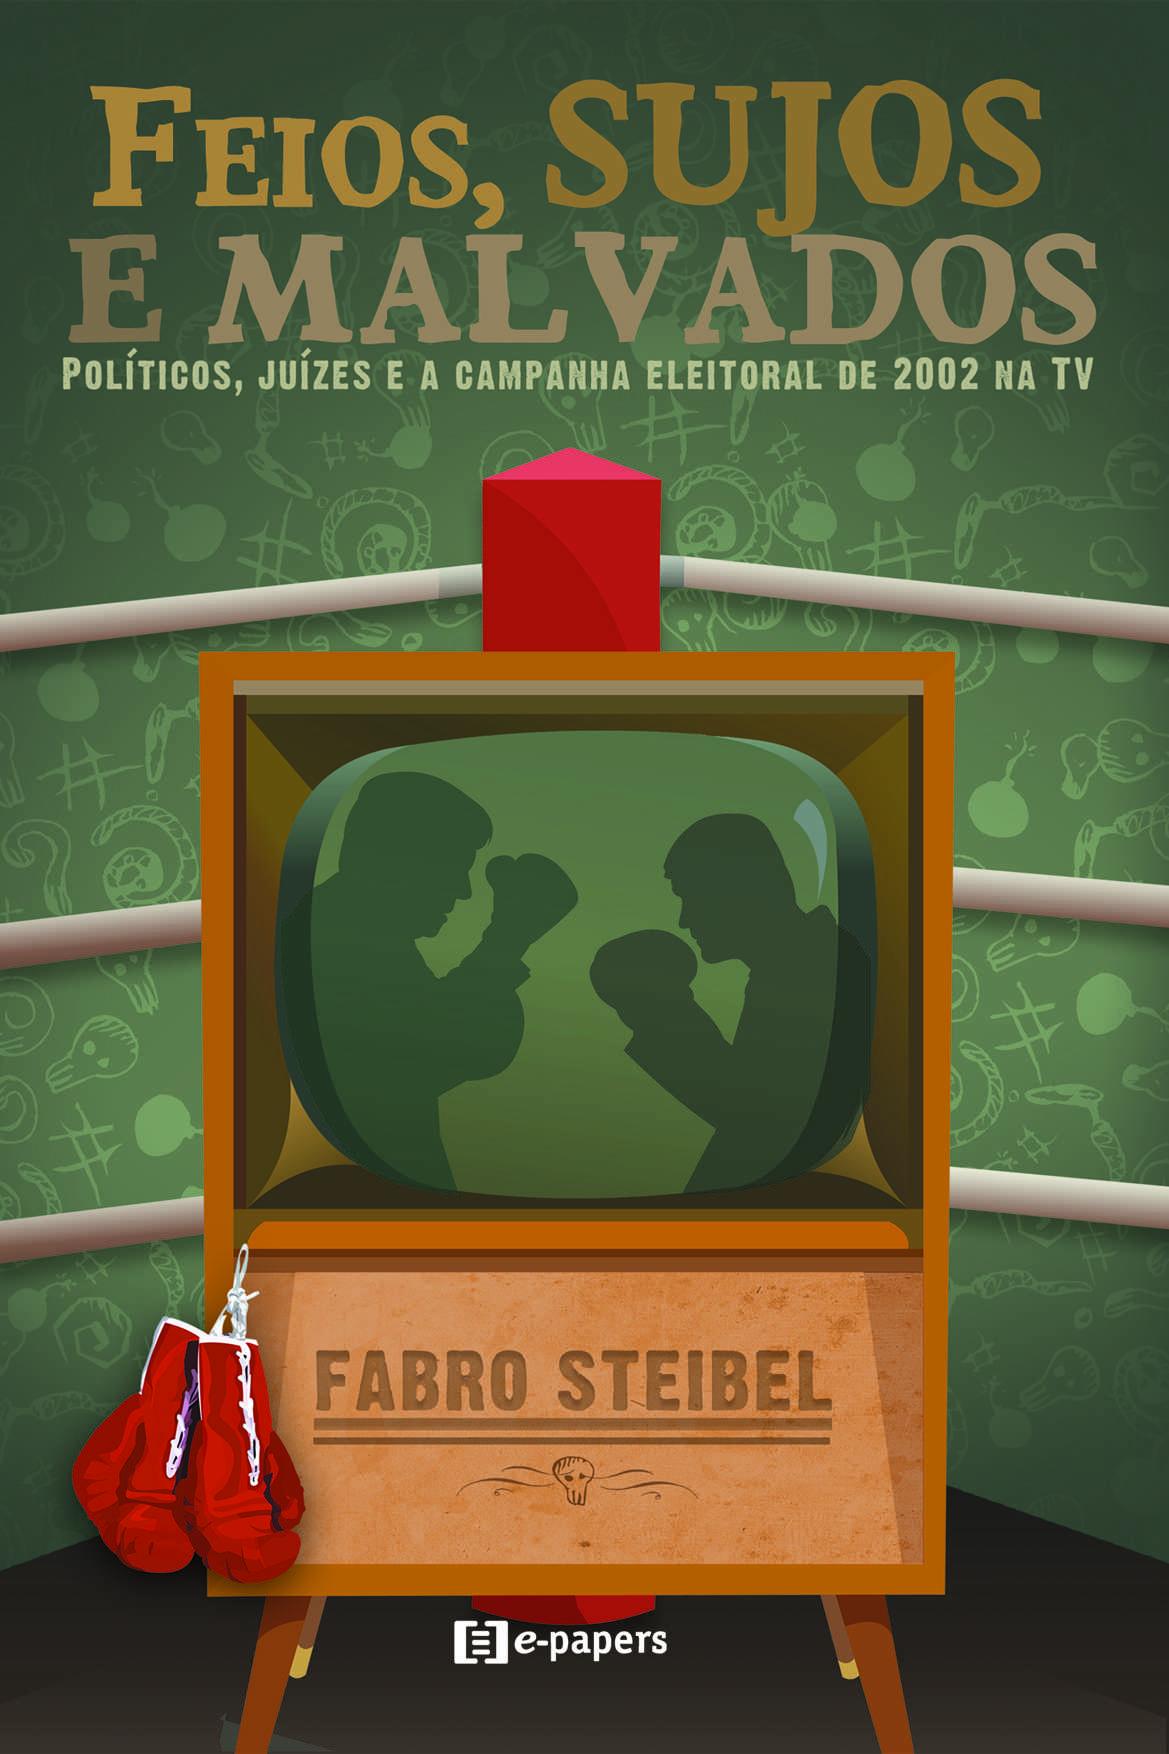 Feios, sujos e malvados: políticos, juízes e a campanha eleitoral de 2002 na TV